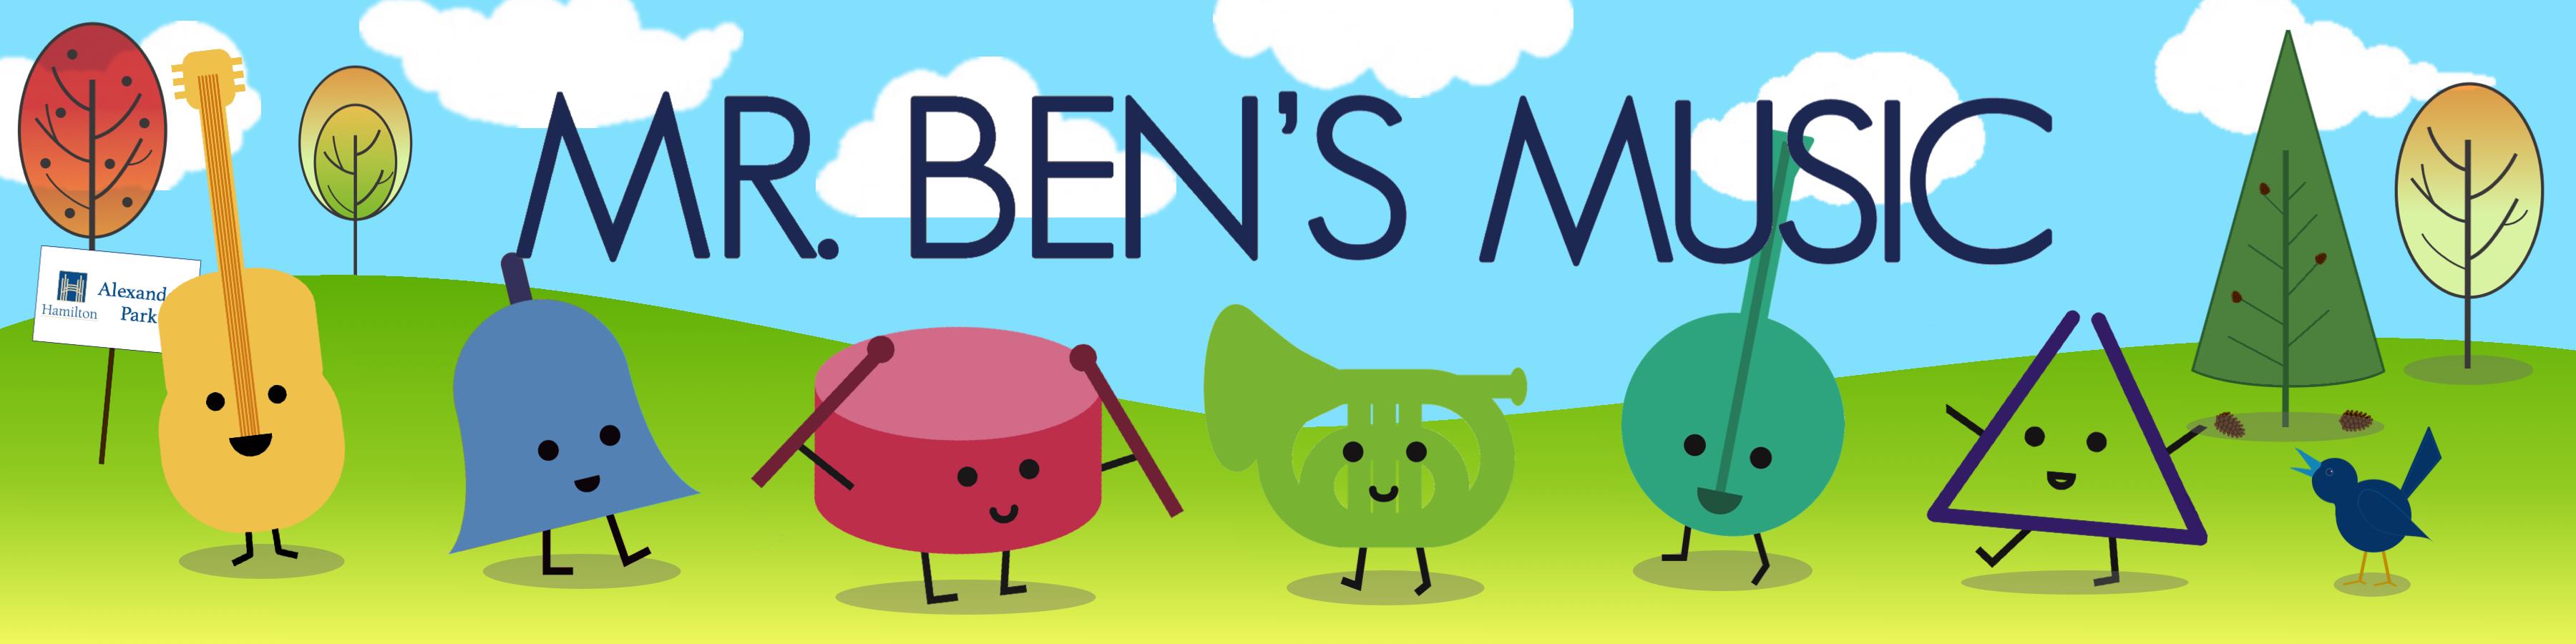 Mr. Ben's Music banner